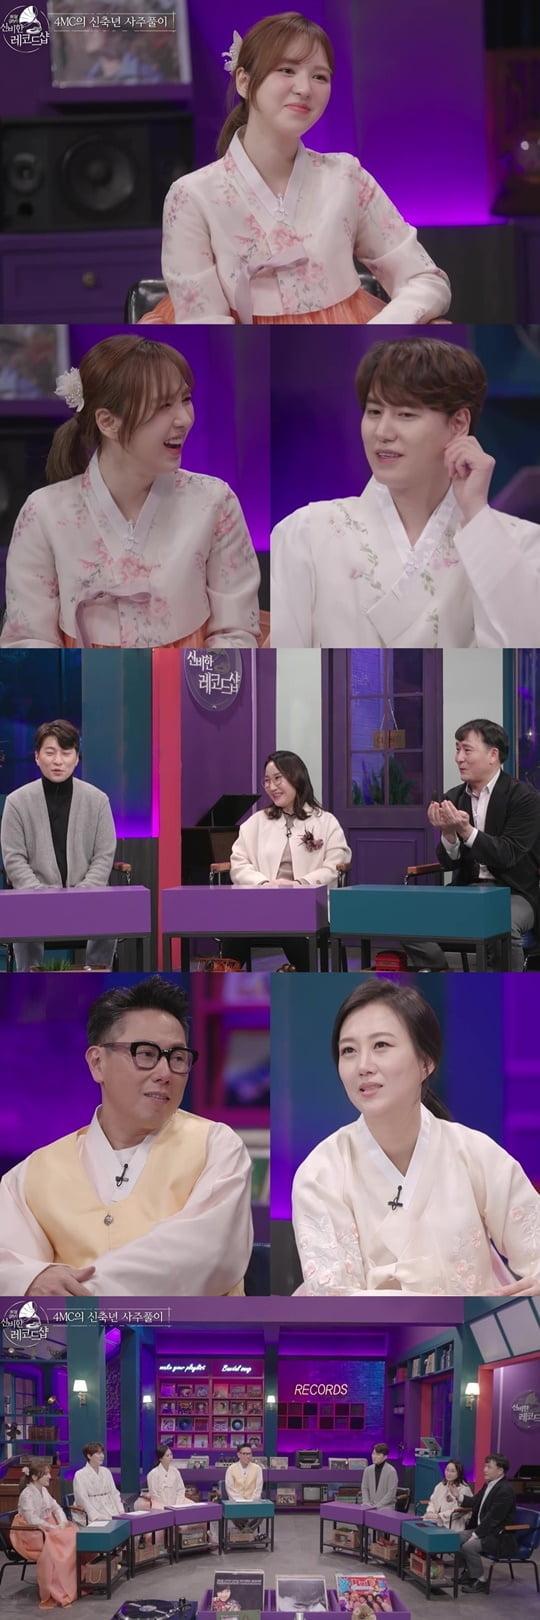 신비한 레코드샵 (사진=JTBC)